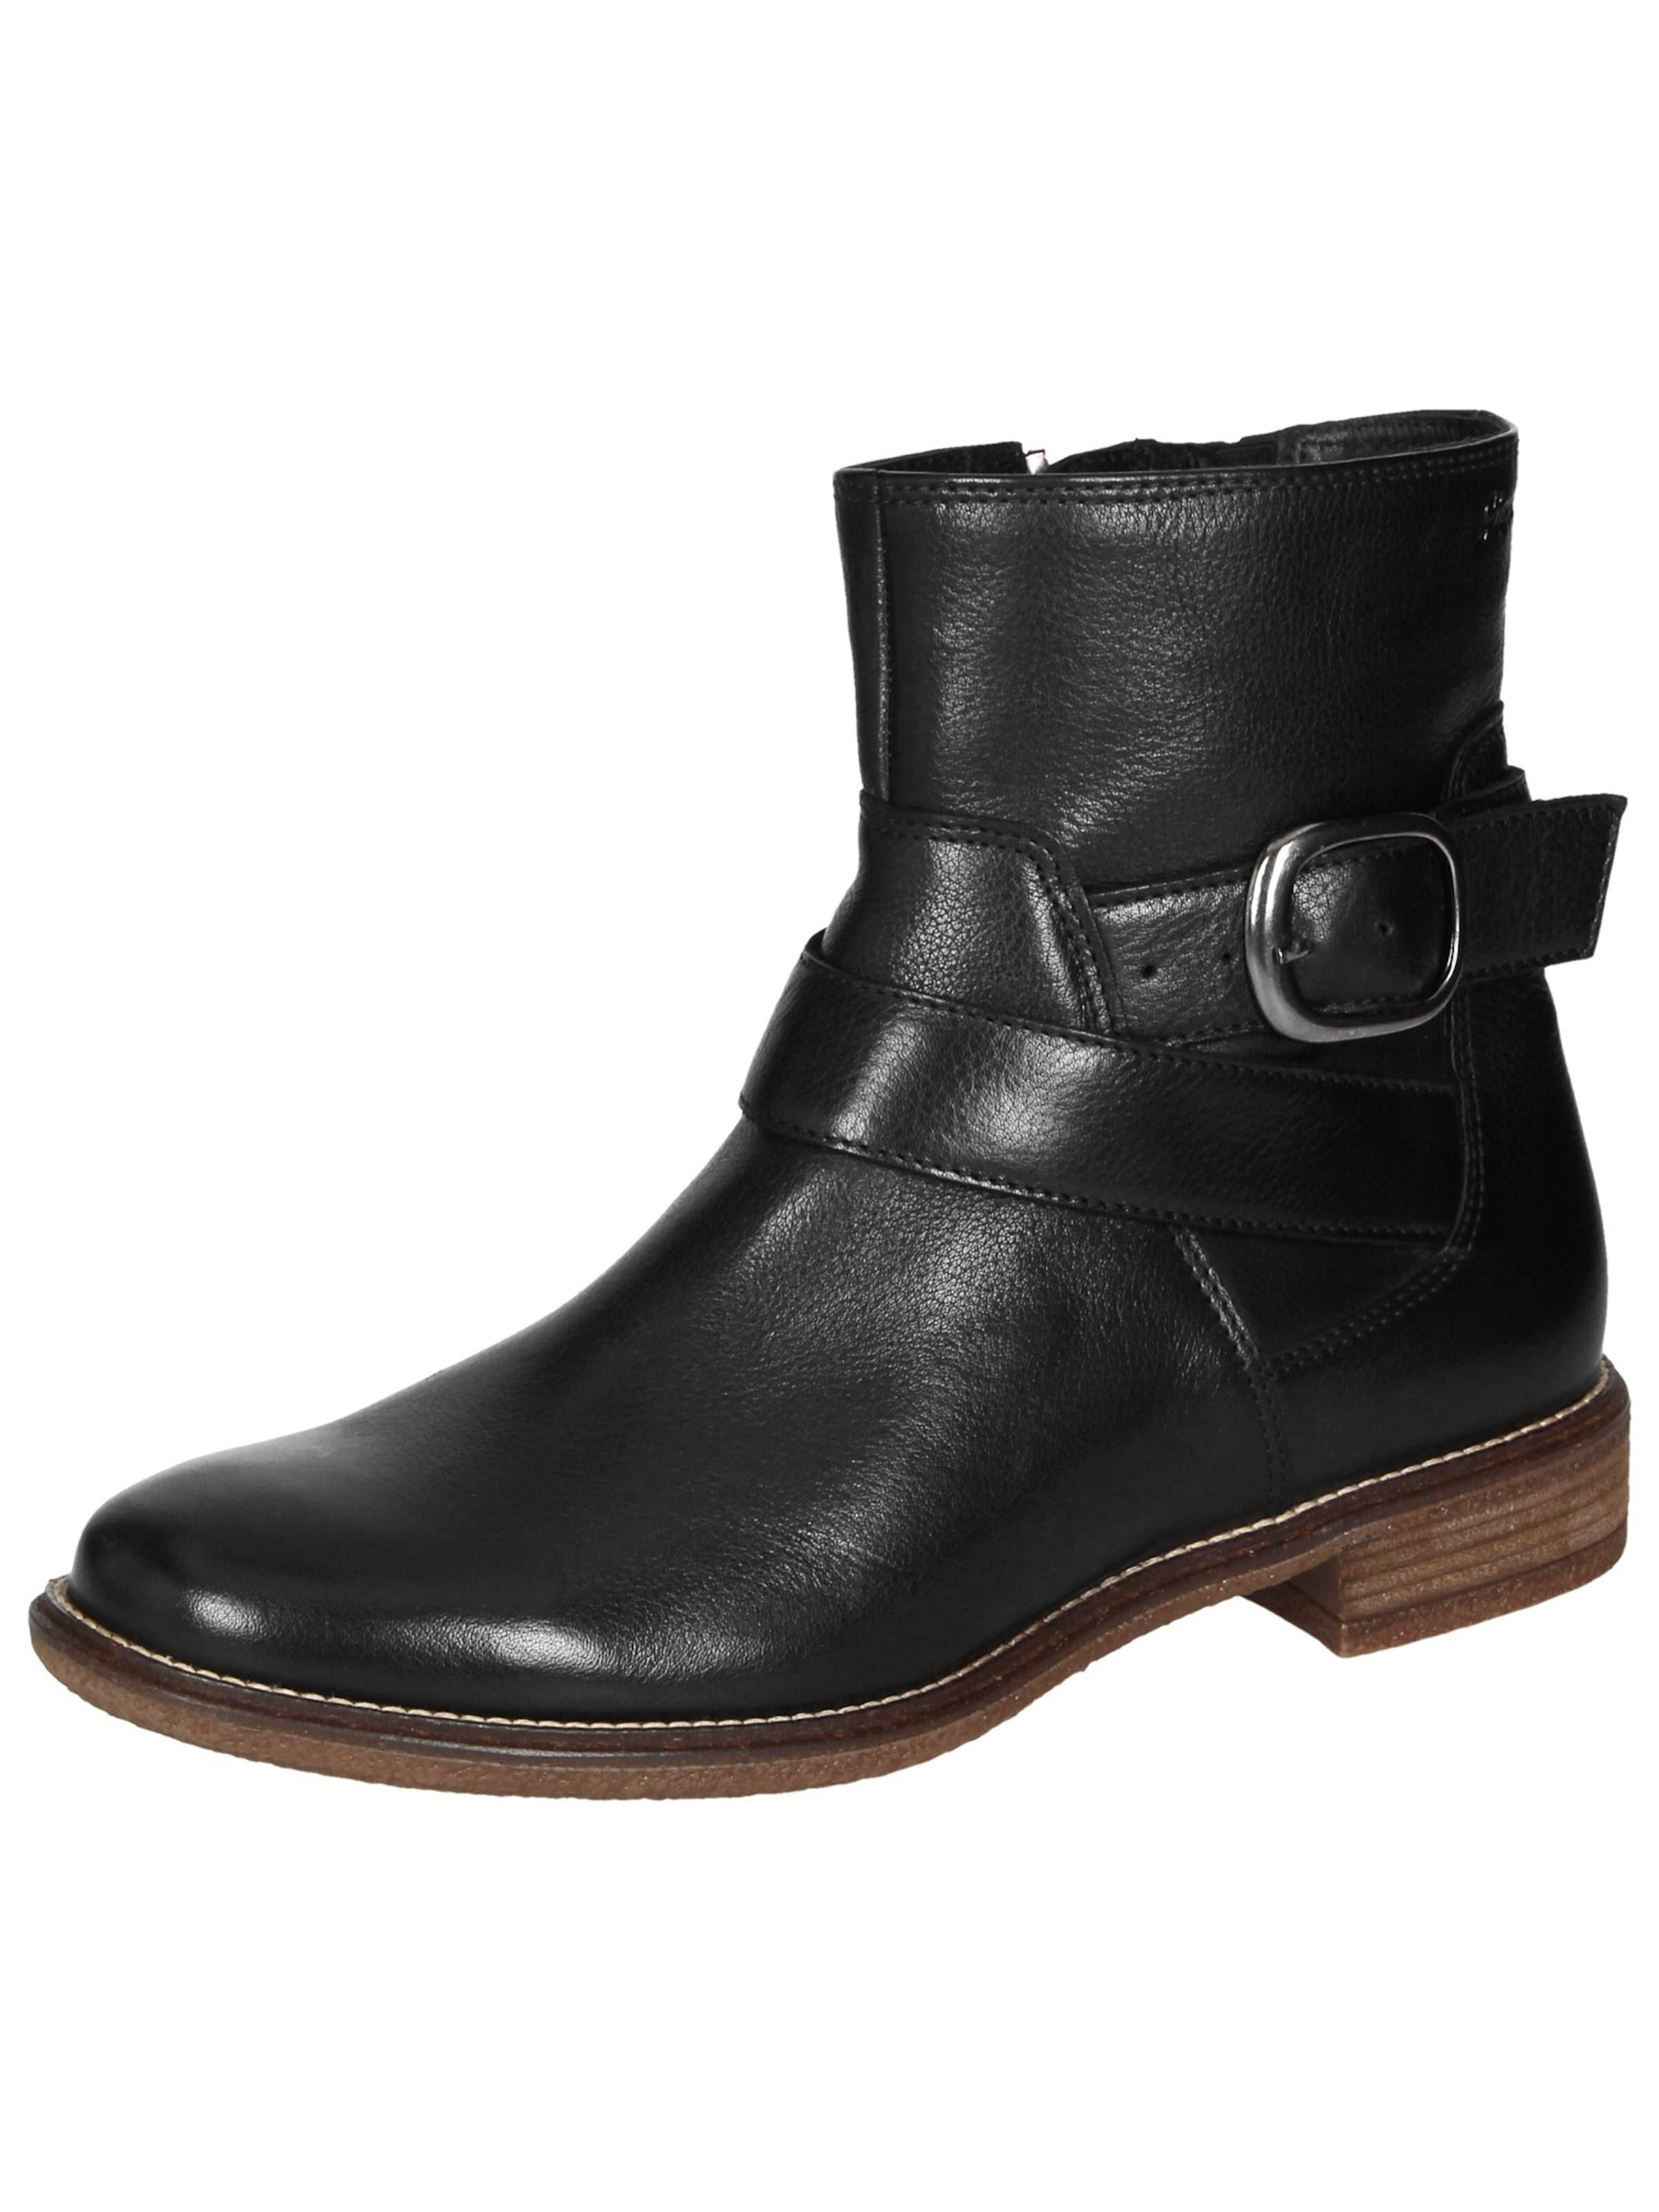 Haltbare Mode billige Schuhe SIOUX | Stiefelette 'Hoara' Schuhe Gut getragene Schuhe